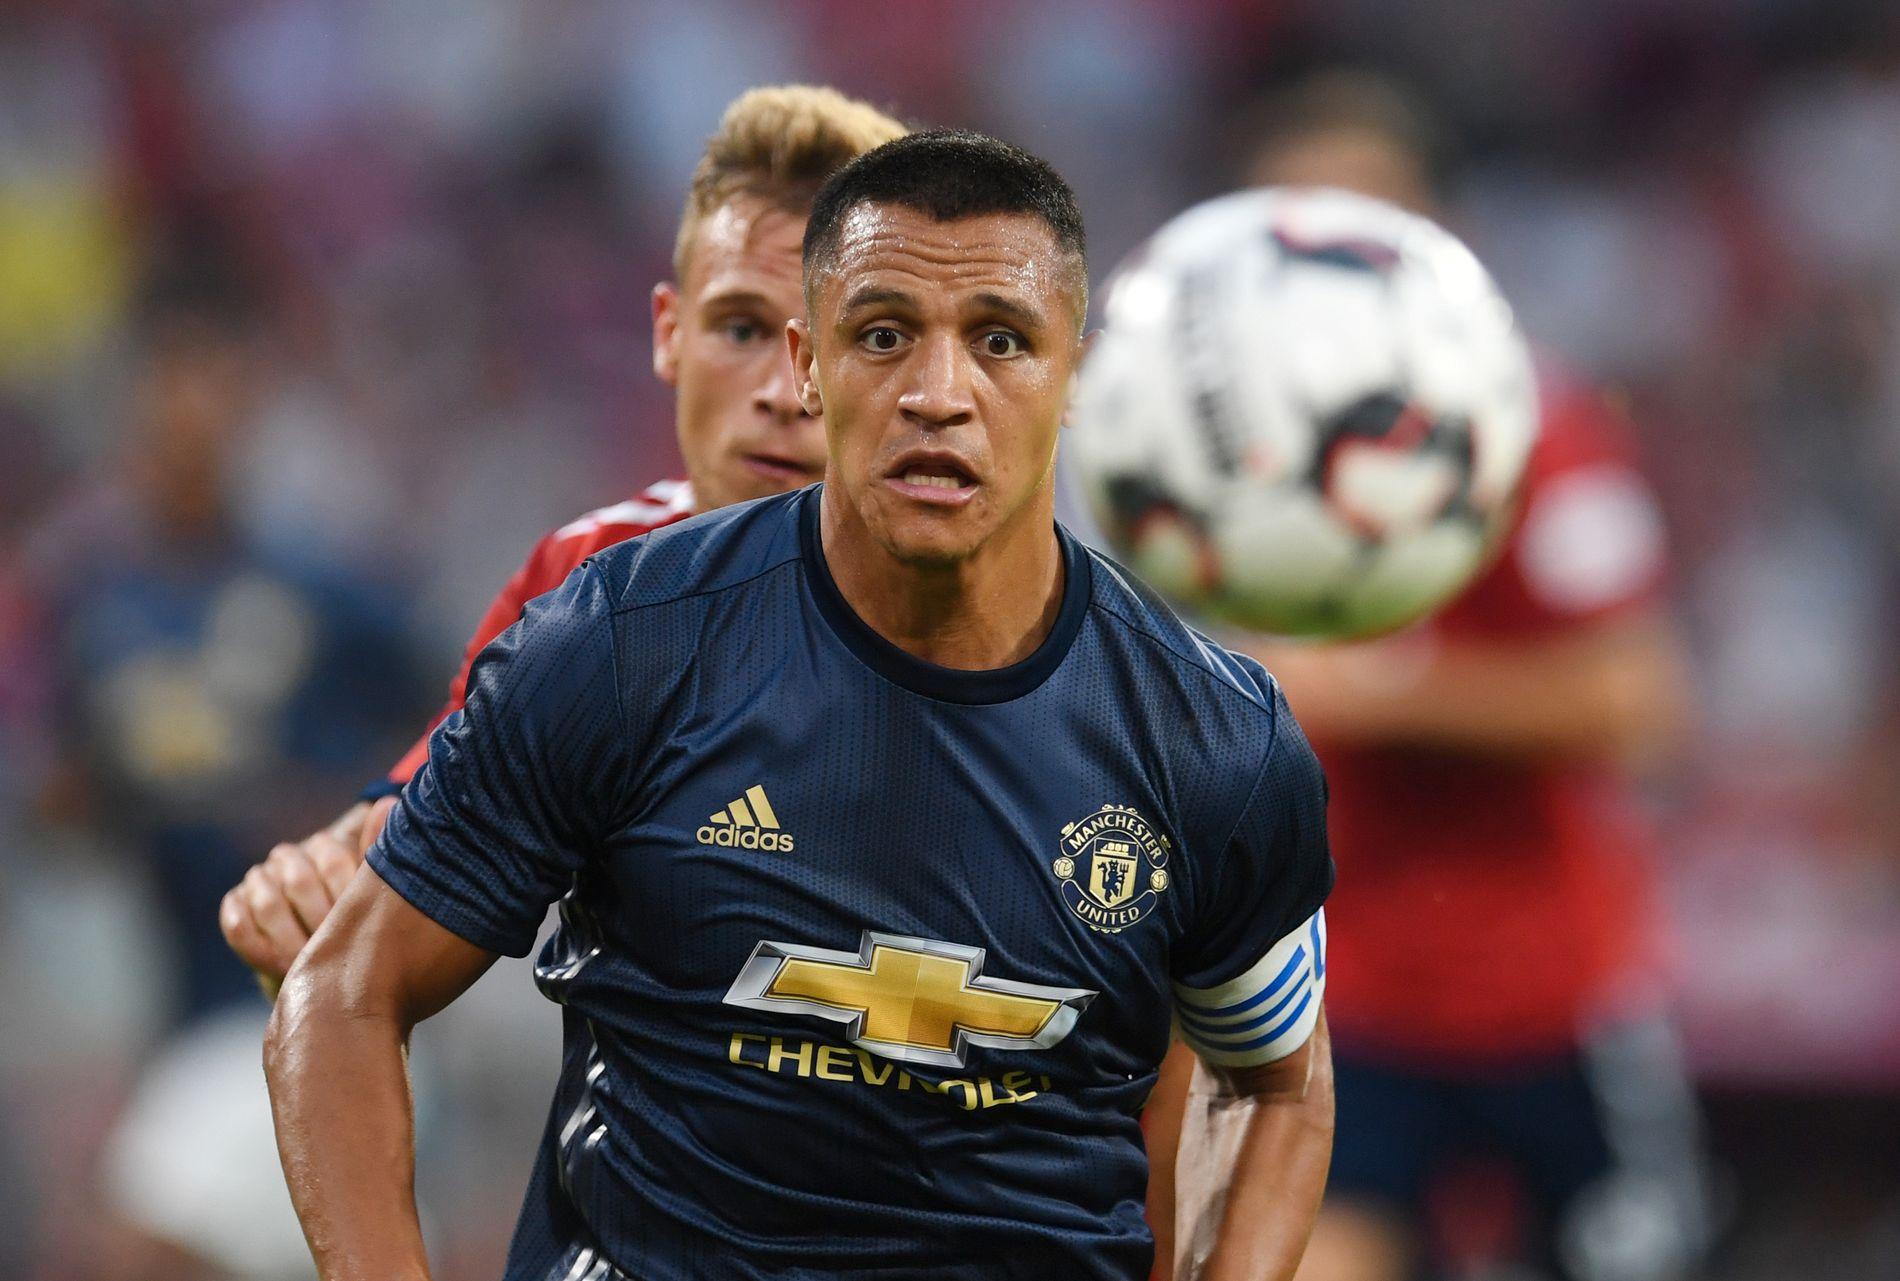 MISFORNØYD: Alexis Sánchez mener Manchester United må hente forsterkninger hvis de skal kjempe om trofeer kommende sesong.